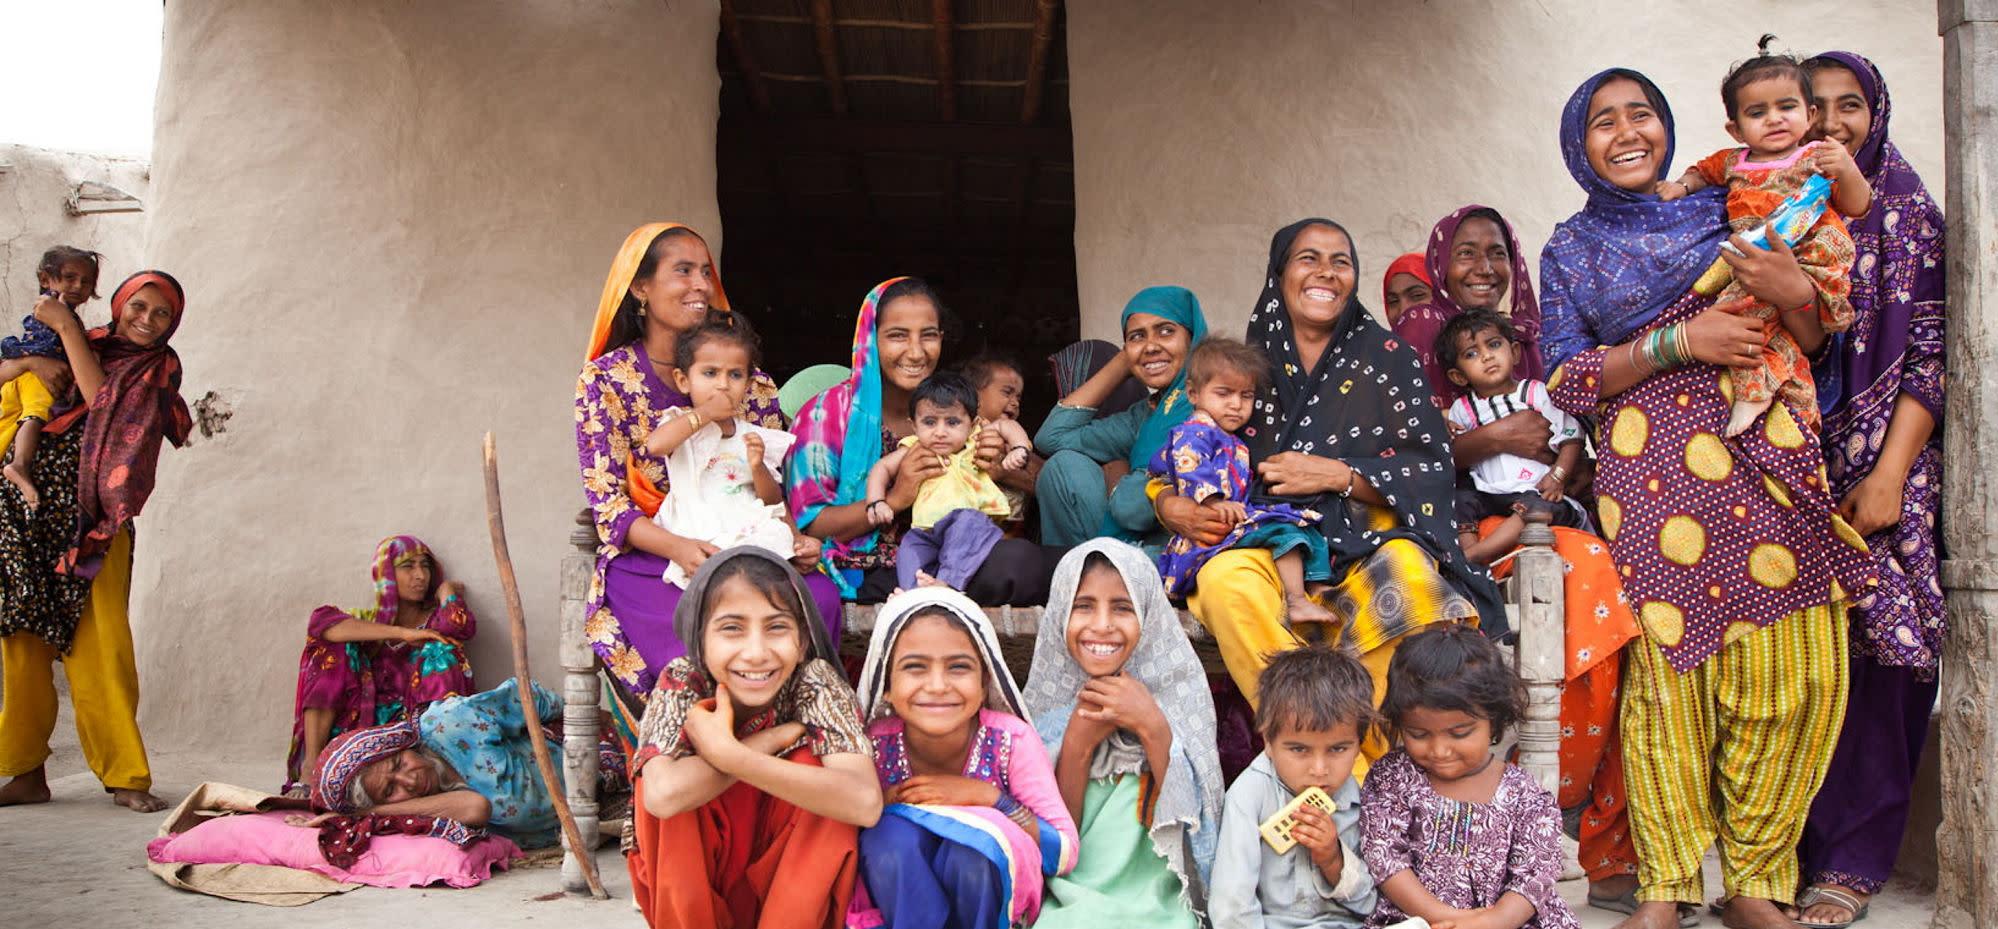 Artikkelkort-Kvinner i Pakistan-Oxfam.jpg